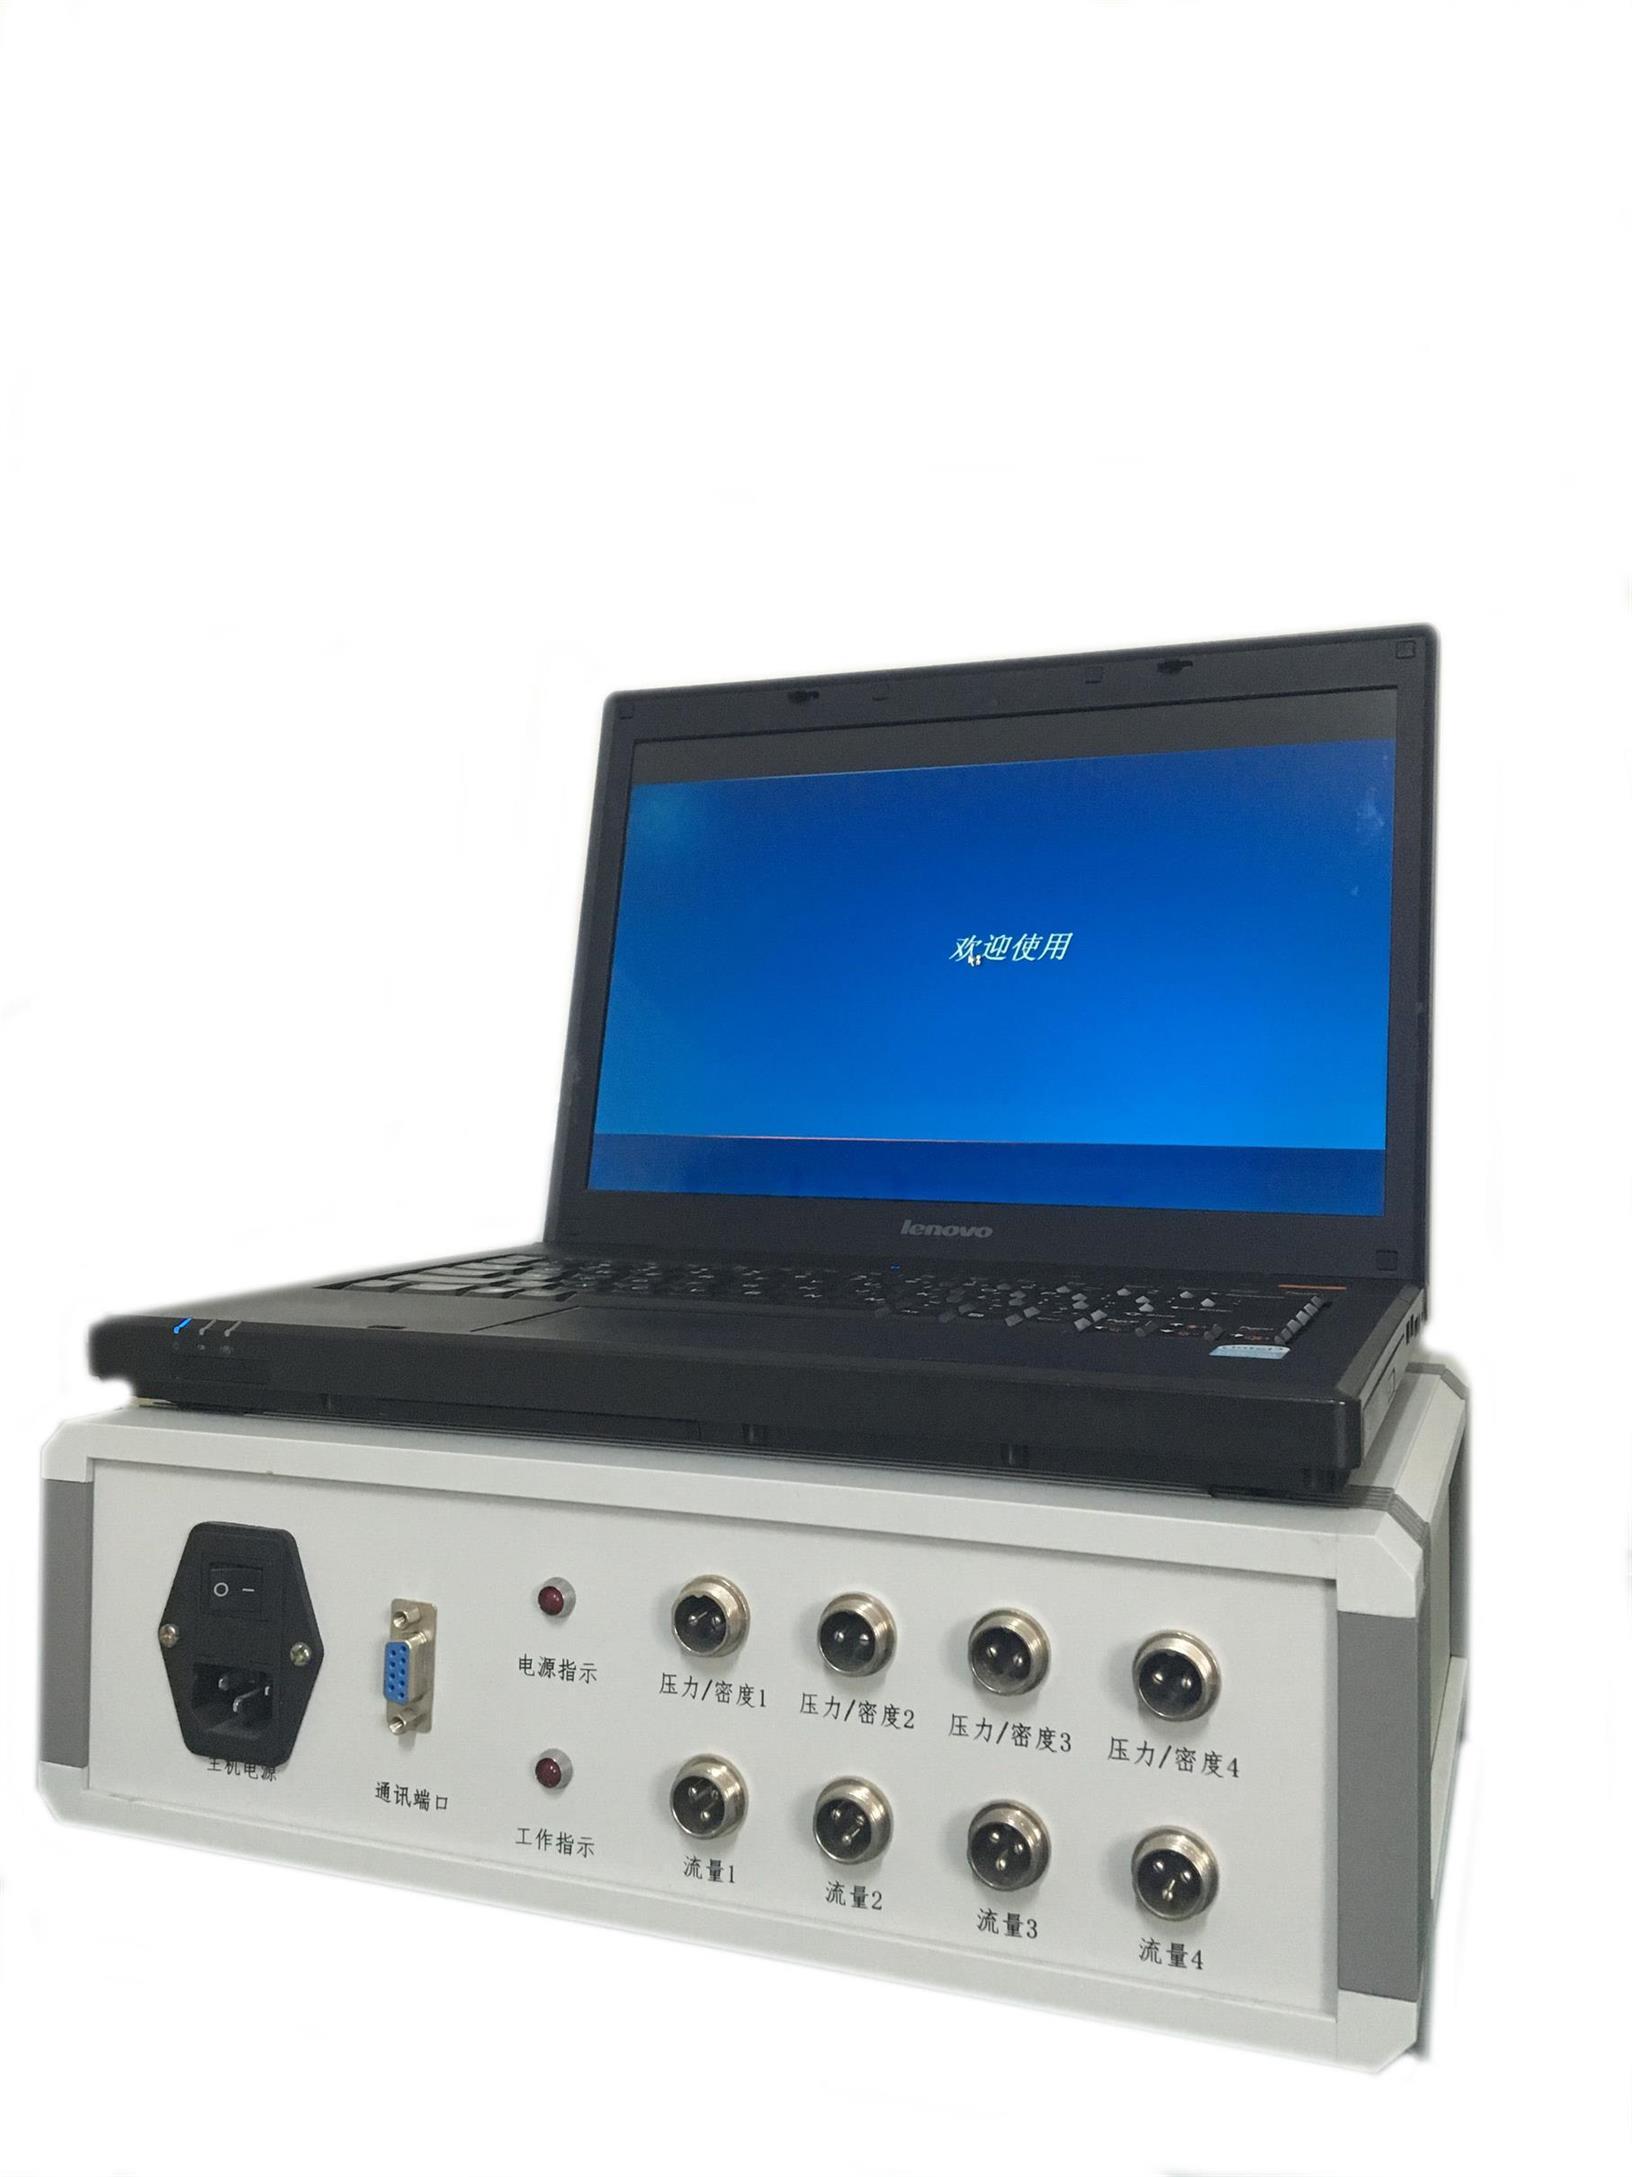 成都灌浆记录仪的主要特点